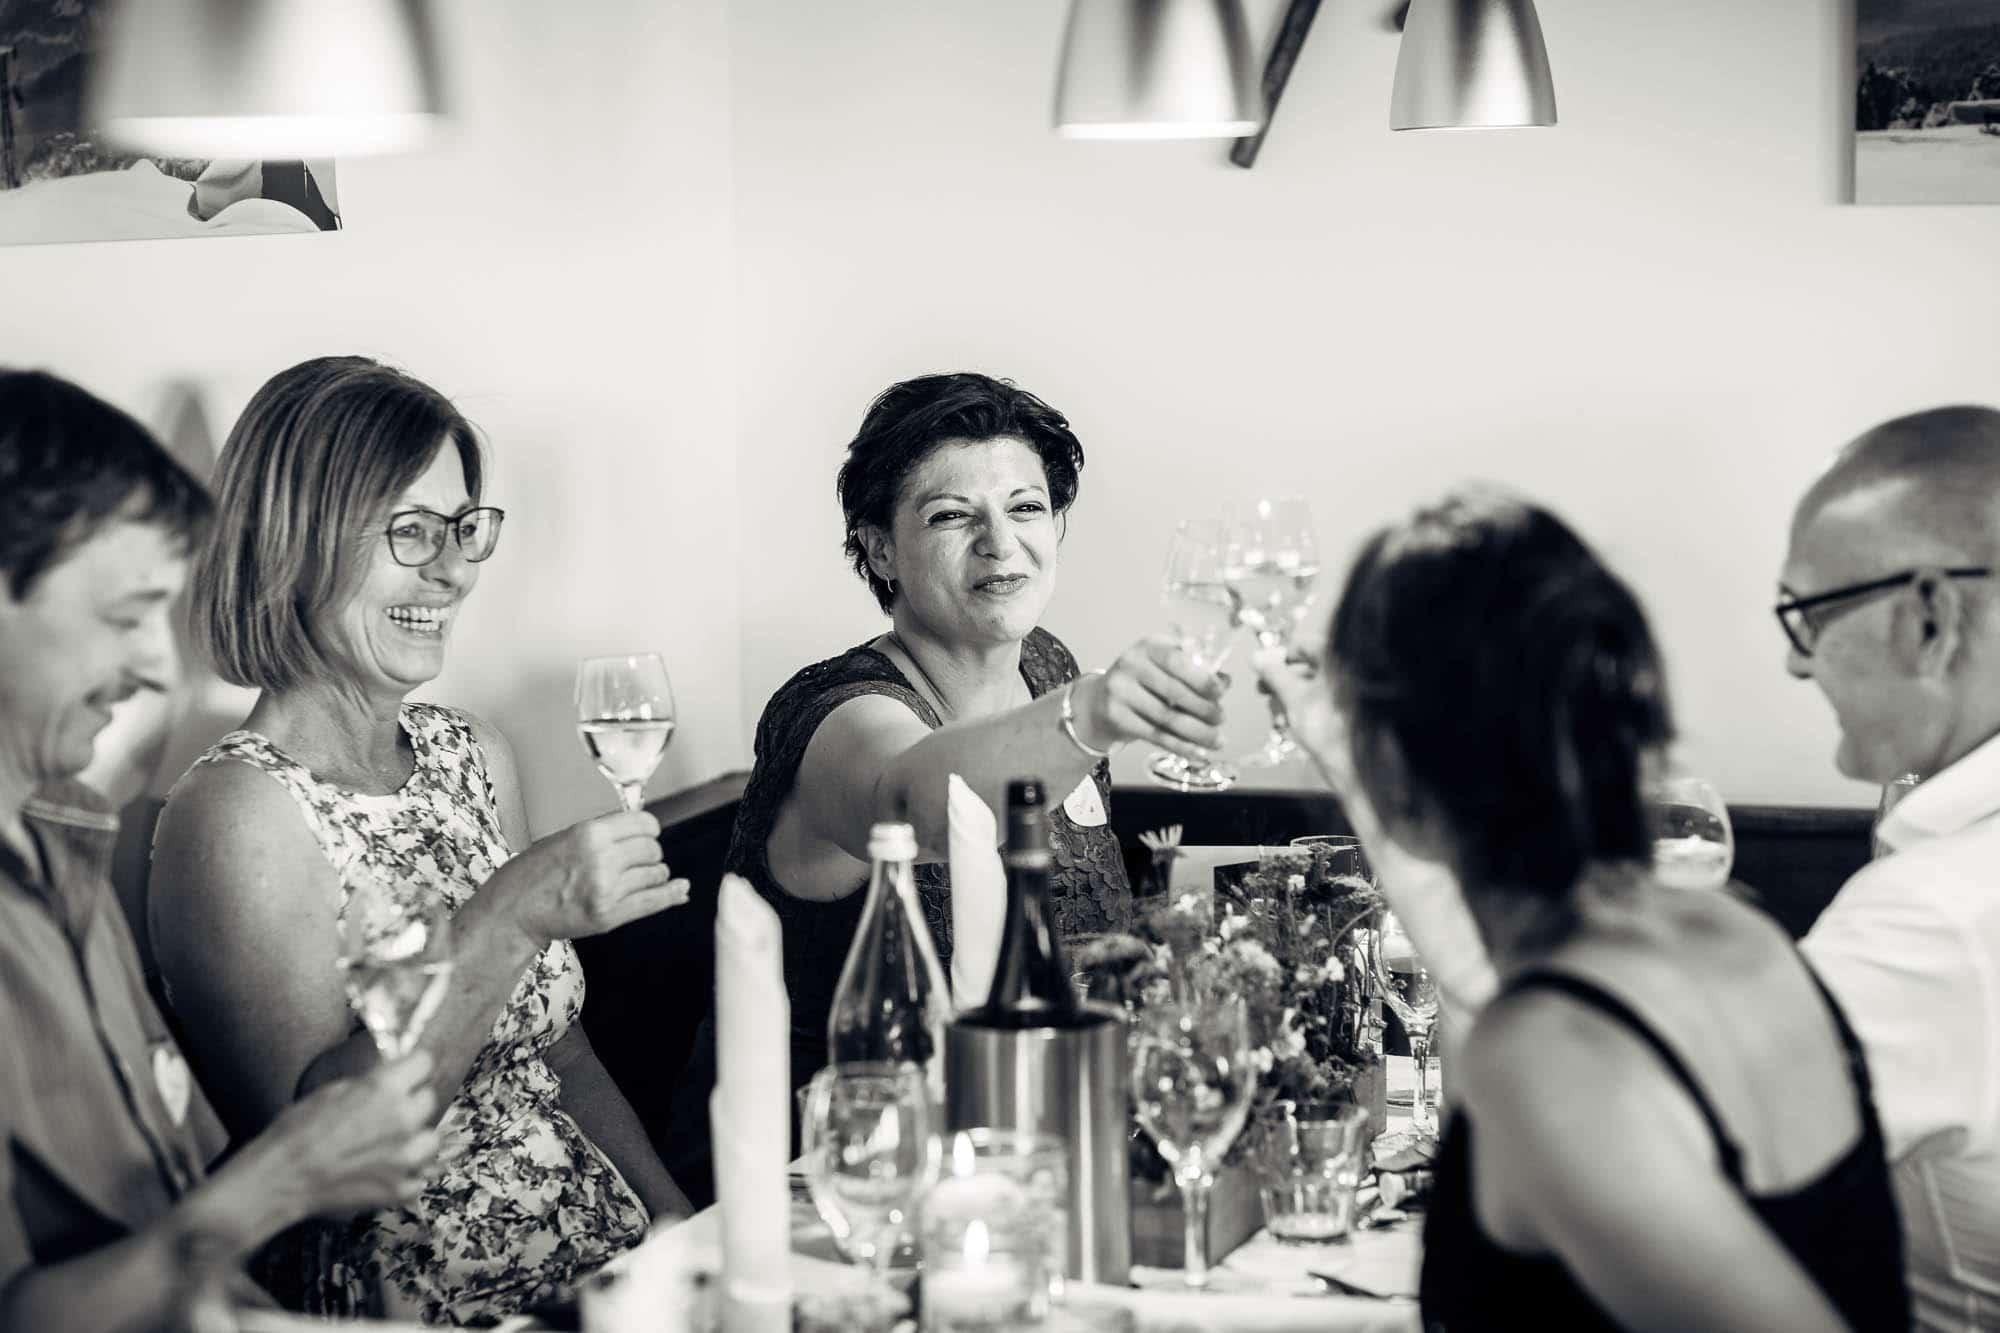 Gäste stossen mit Weinglas an